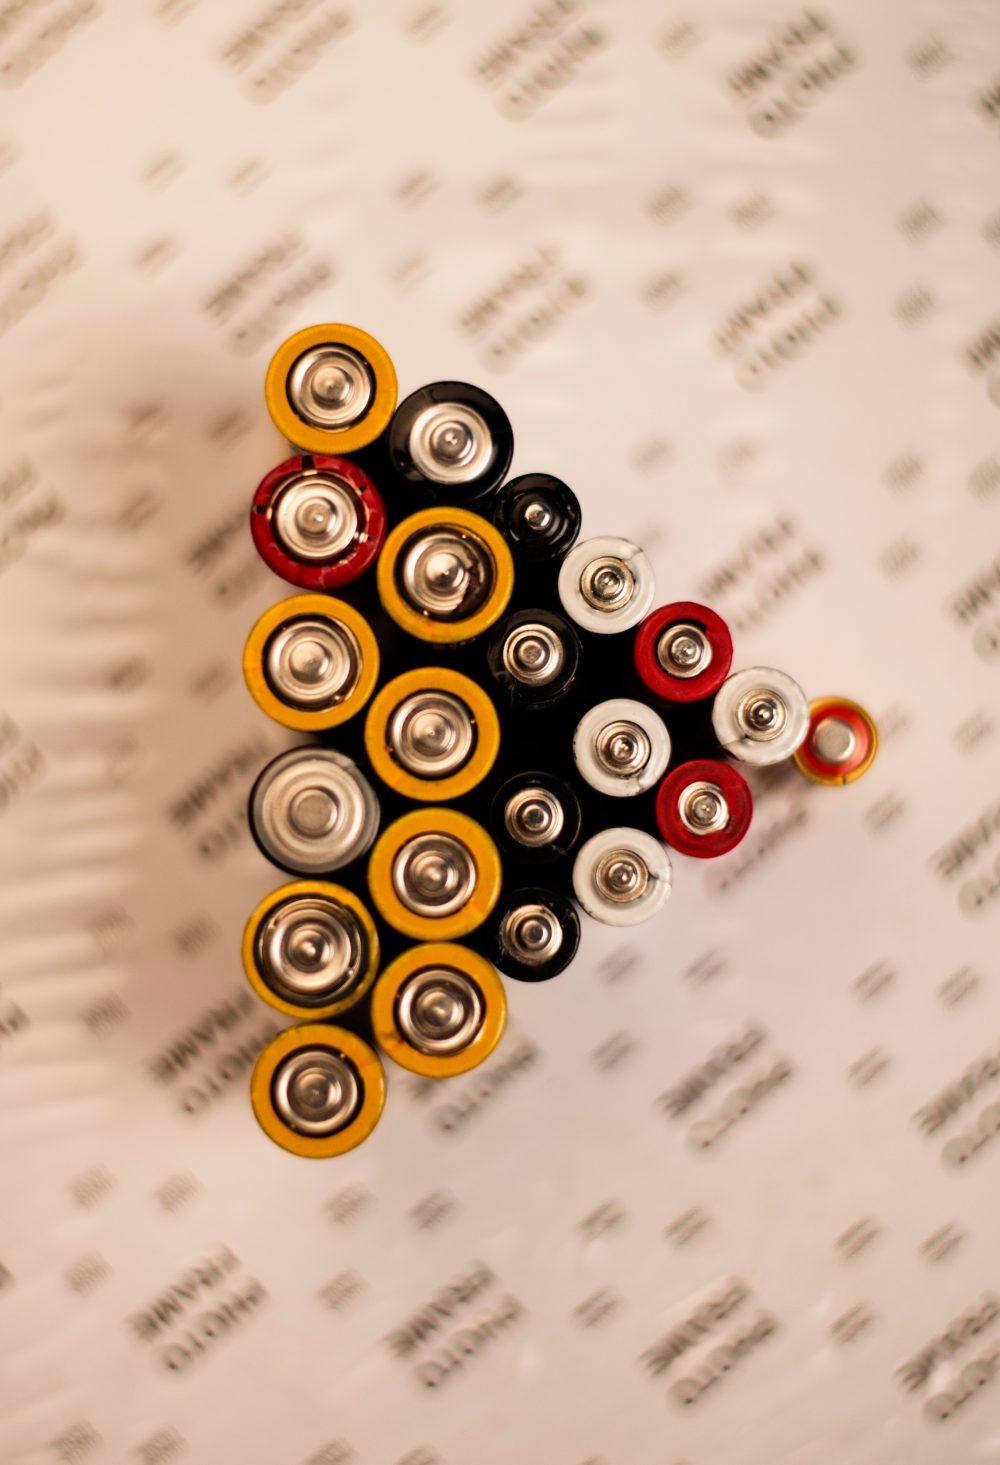 蓄電池の現状と可能性